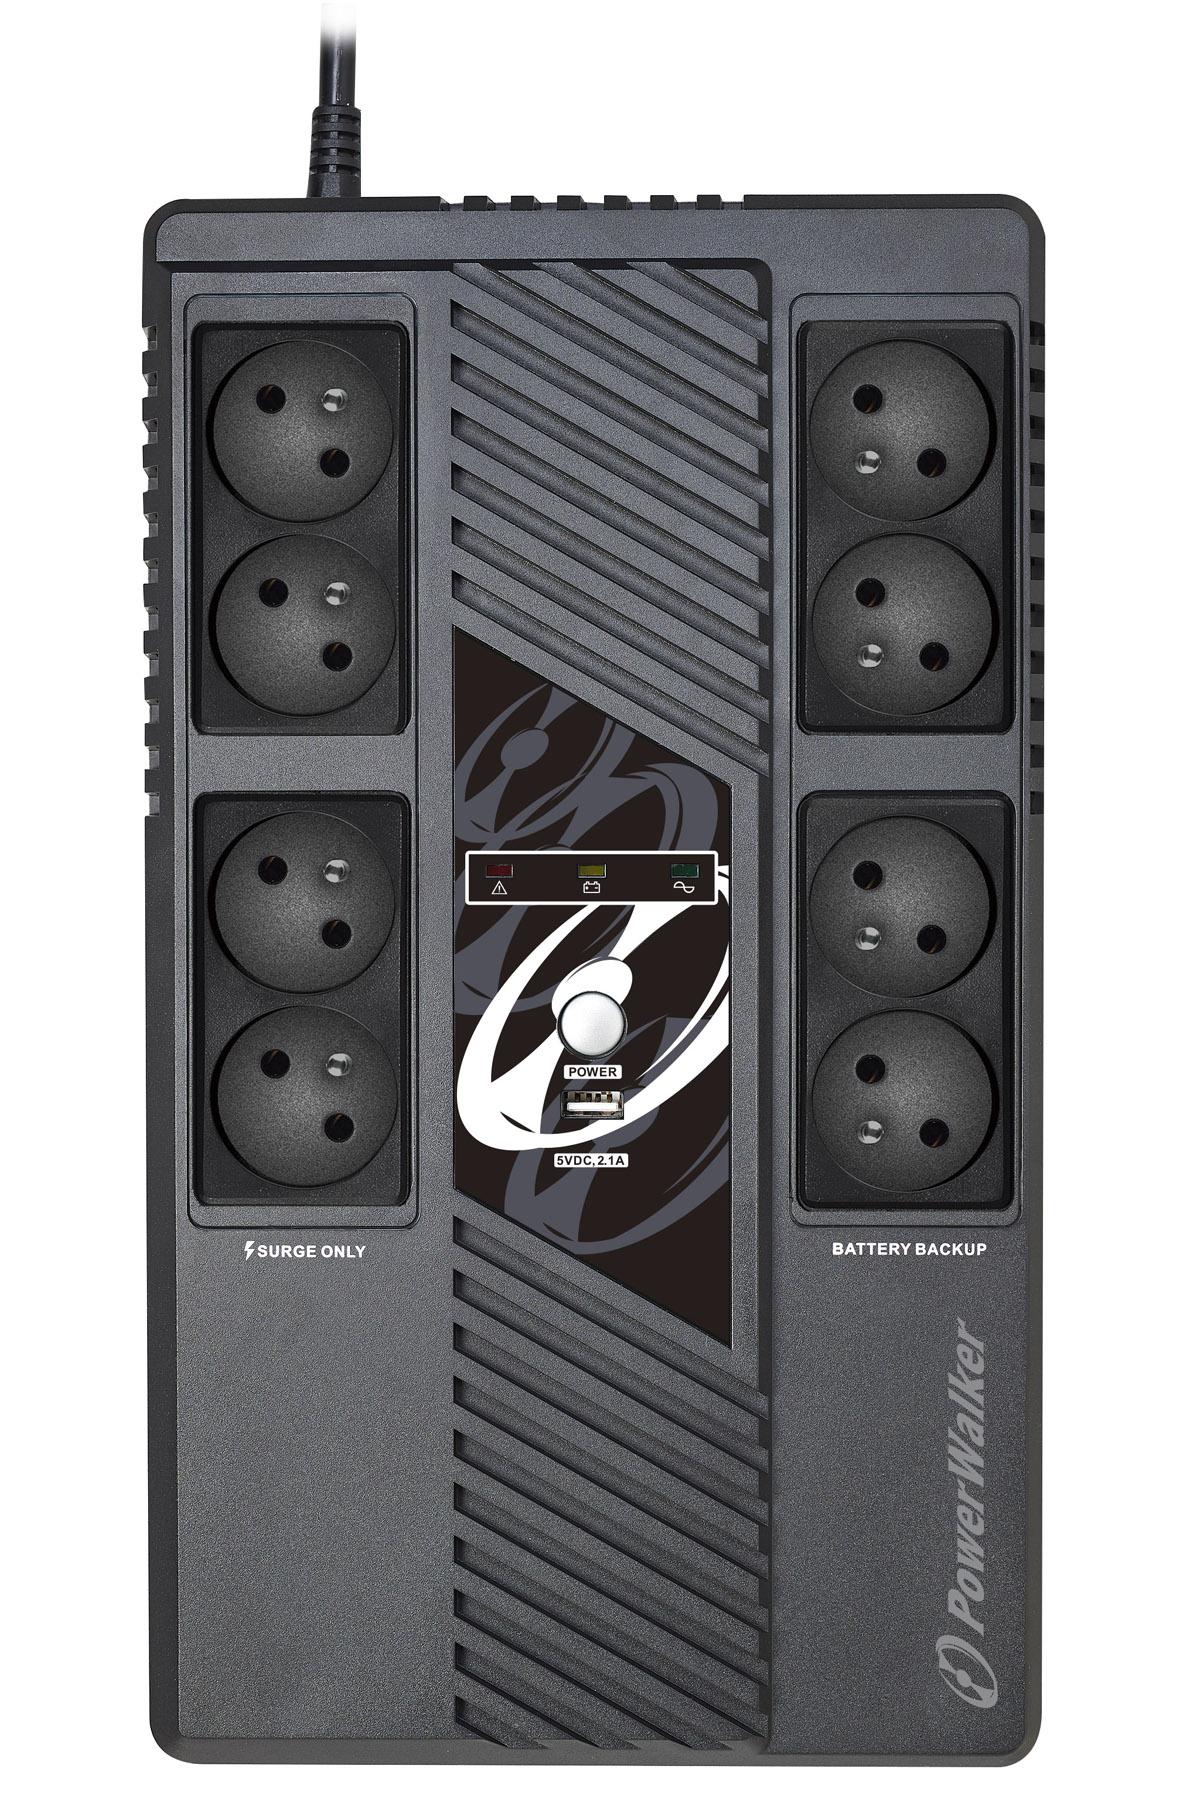 Onduleur avec régulateur de tension (AVR) PowerWalker  VI MS 1000VA / 600W avec 8 prises FR , informatique ile de la Réunion 974